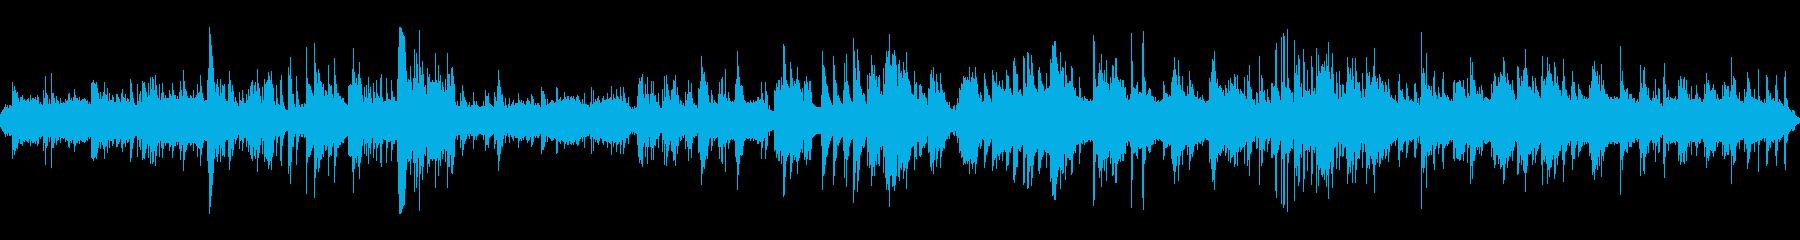 [王道]ヒーリング音楽 10分の再生済みの波形